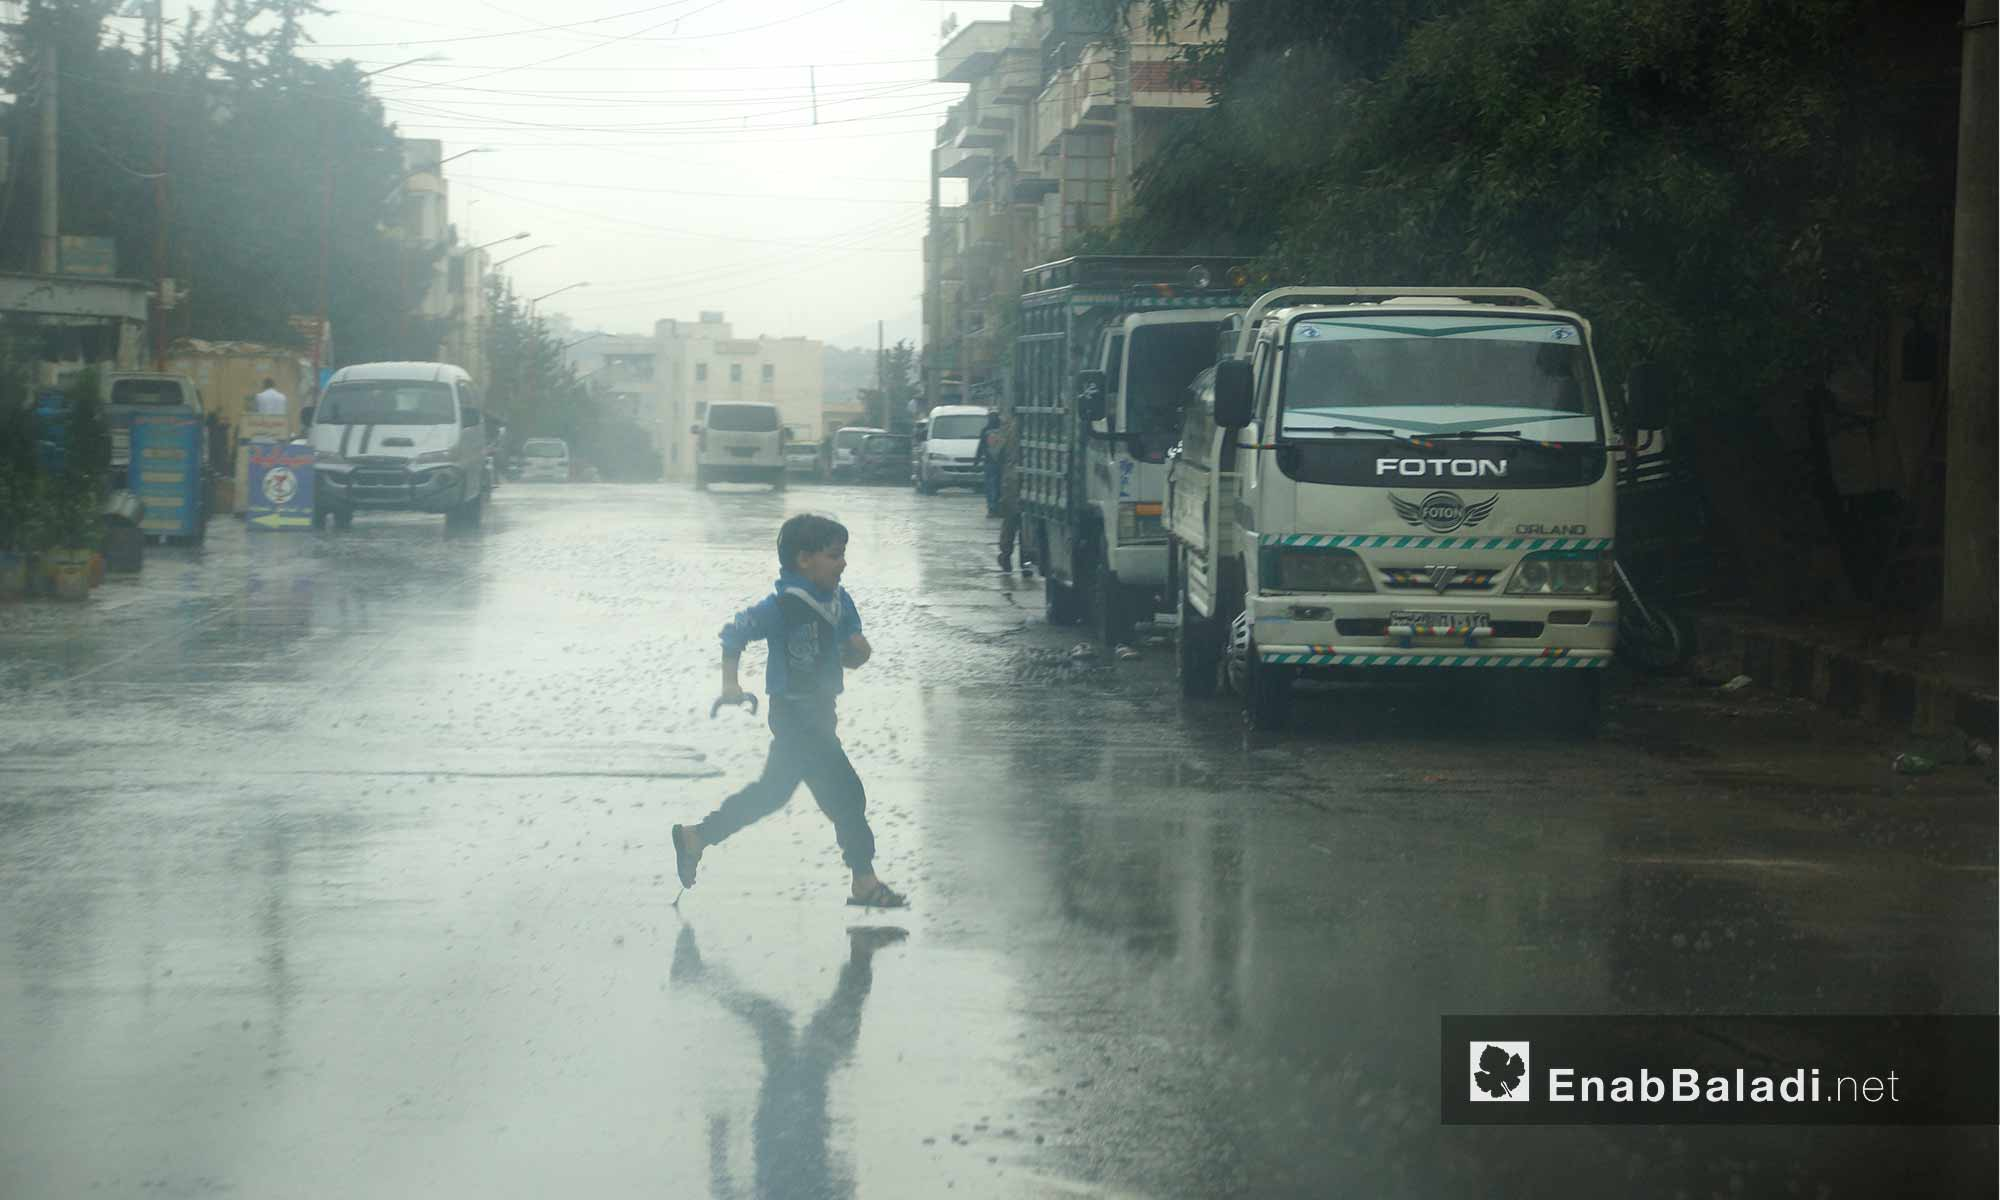 طفل يركض تحت المطر في مدينة إدلب - 9 تشرين الأول 2017 (عنب بلدي)